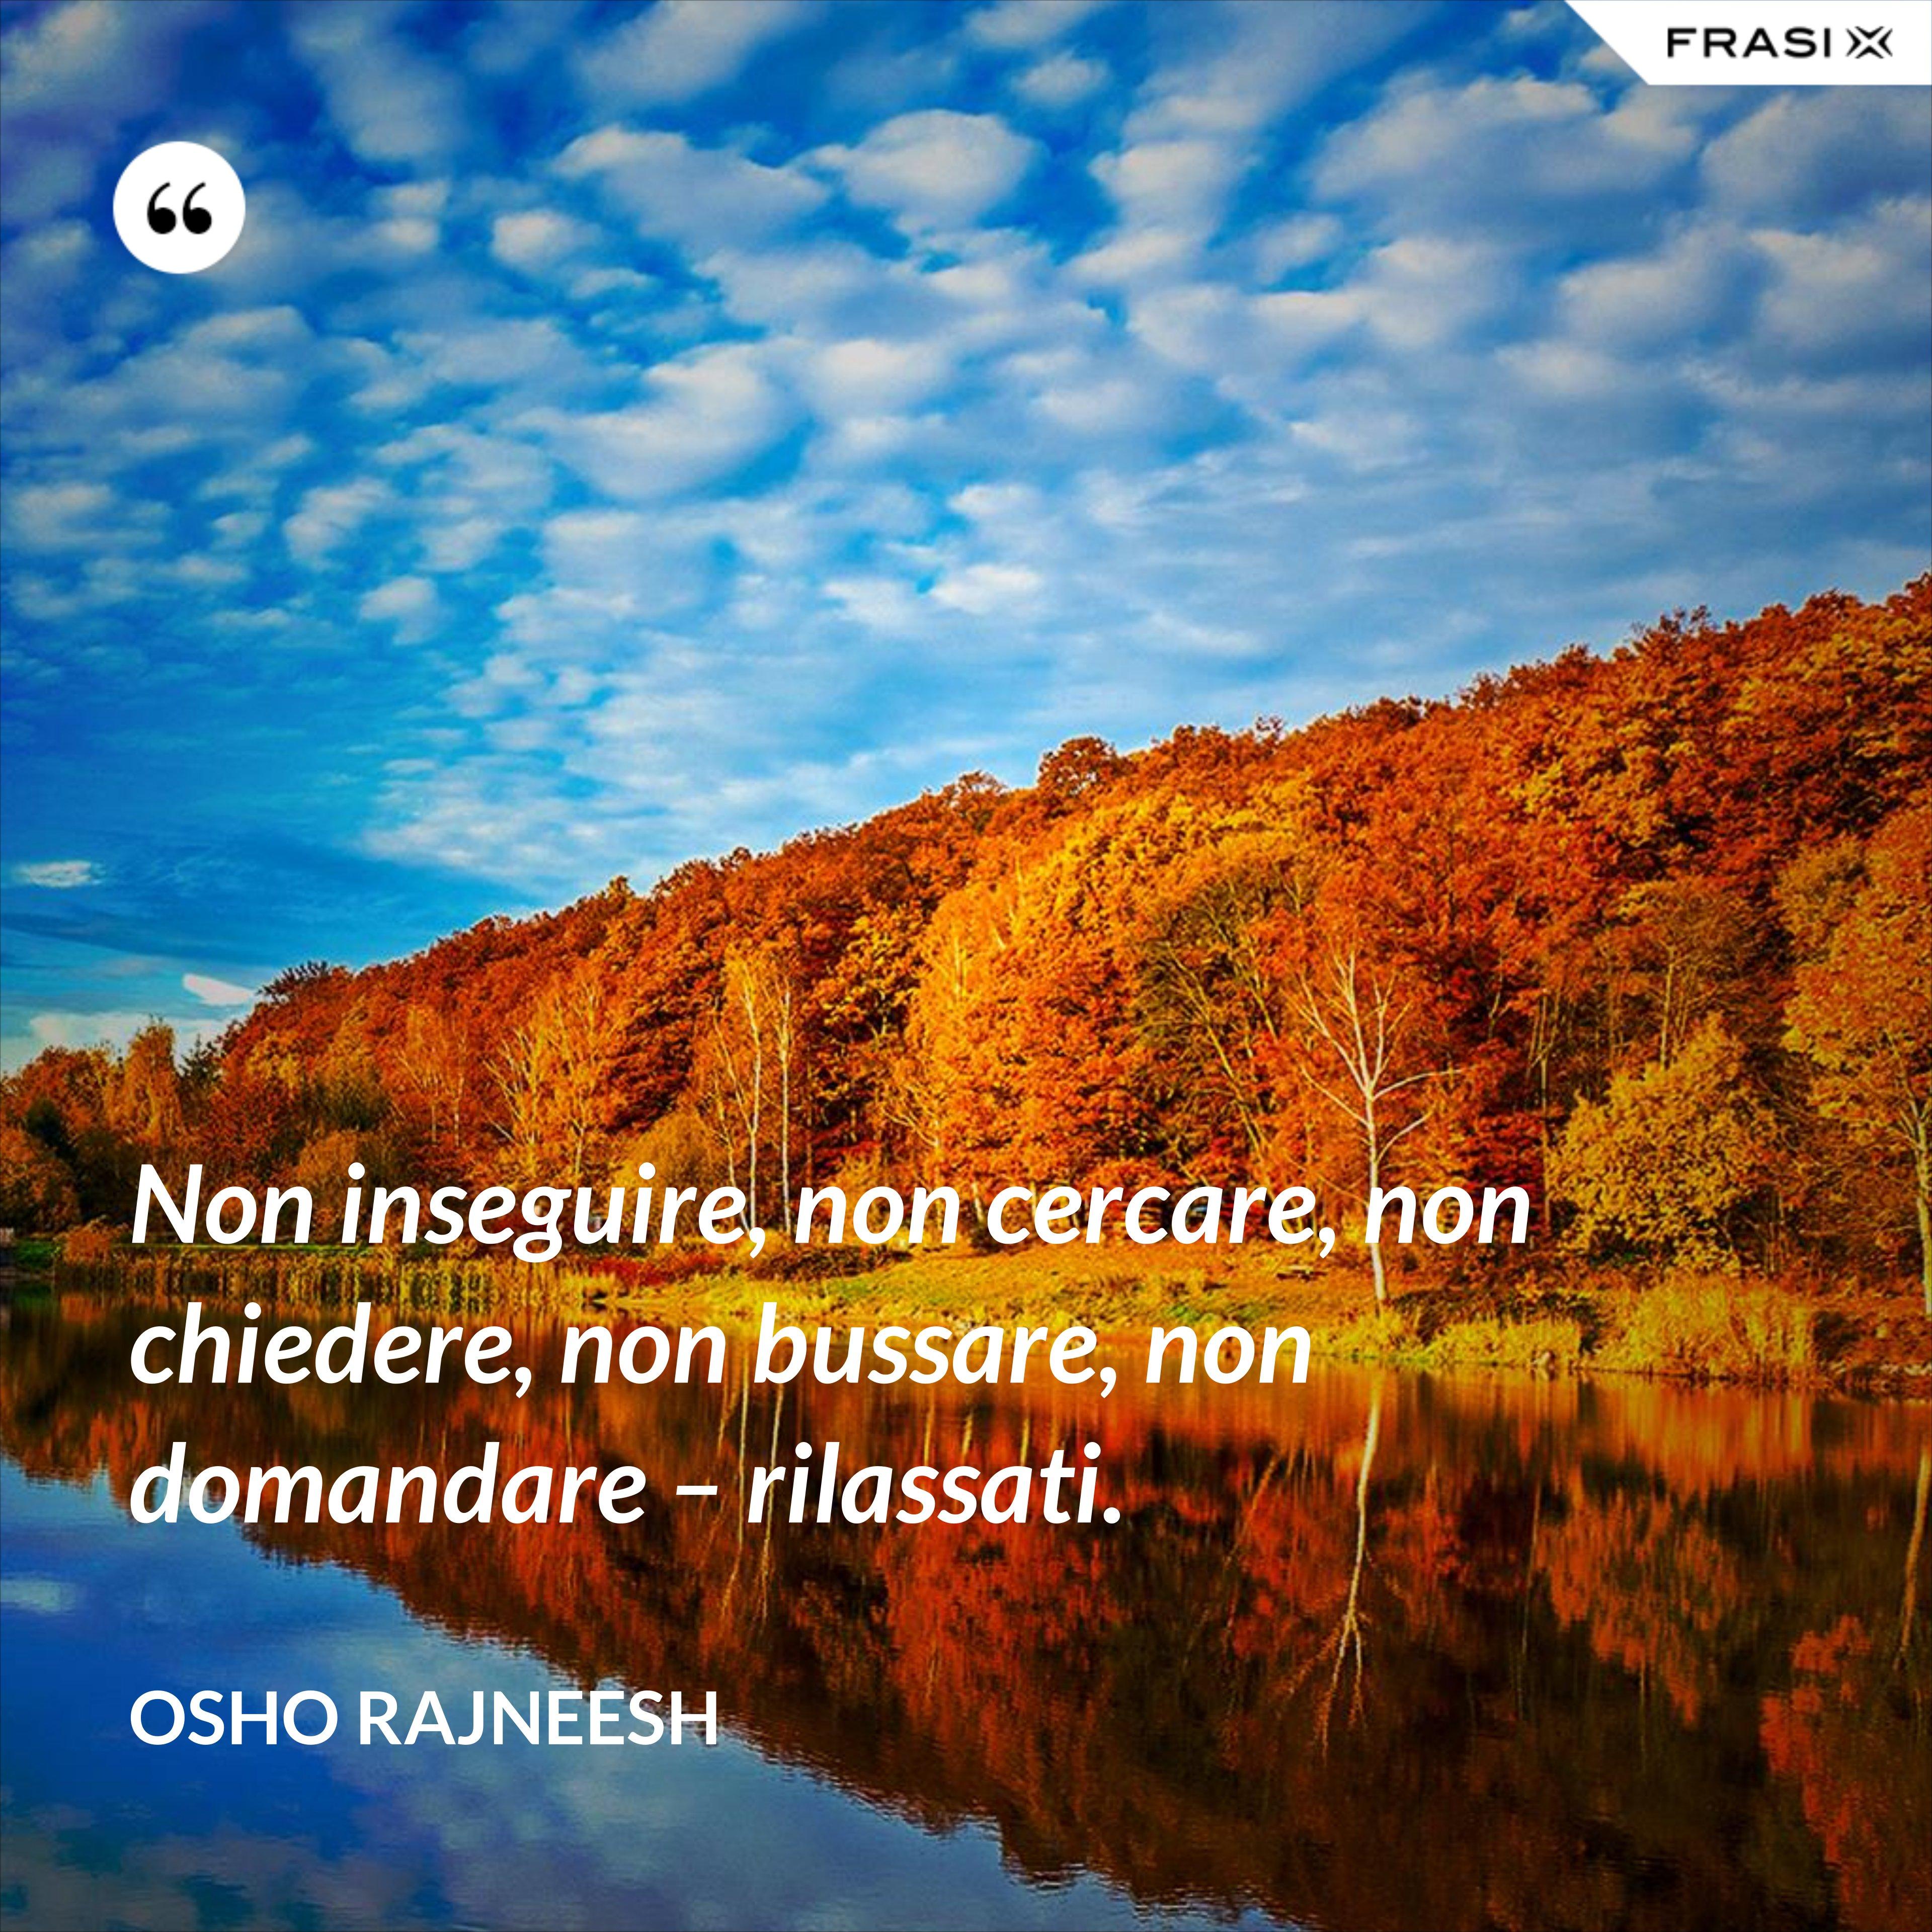 Non inseguire, non cercare, non chiedere, non bussare, non domandare – rilassati. - Osho Rajneesh